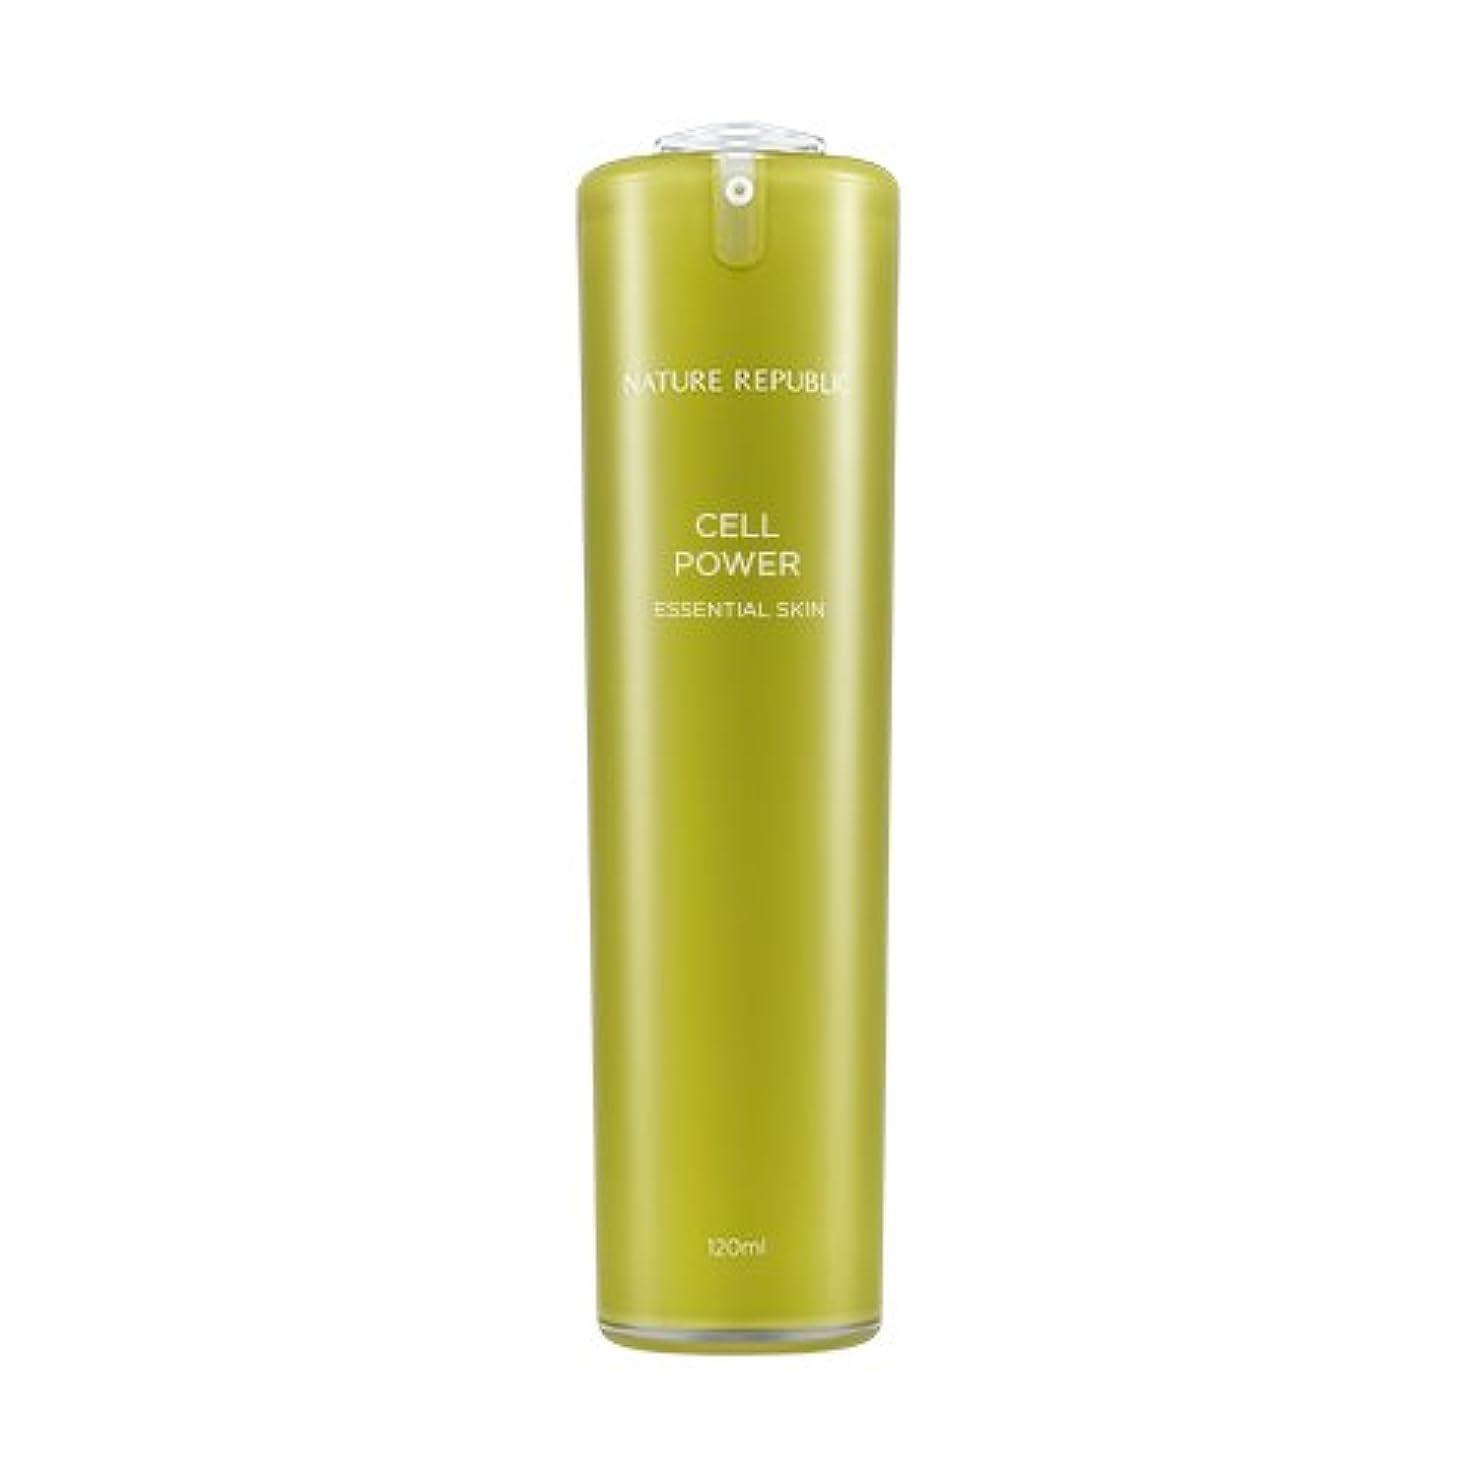 有効鬼ごっこヘッジNATURE REPUBLIC Cell Power Essential Skin / ネイチャーリパブリックセルパワーエッセンシャルスキン 120ml [並行輸入品]